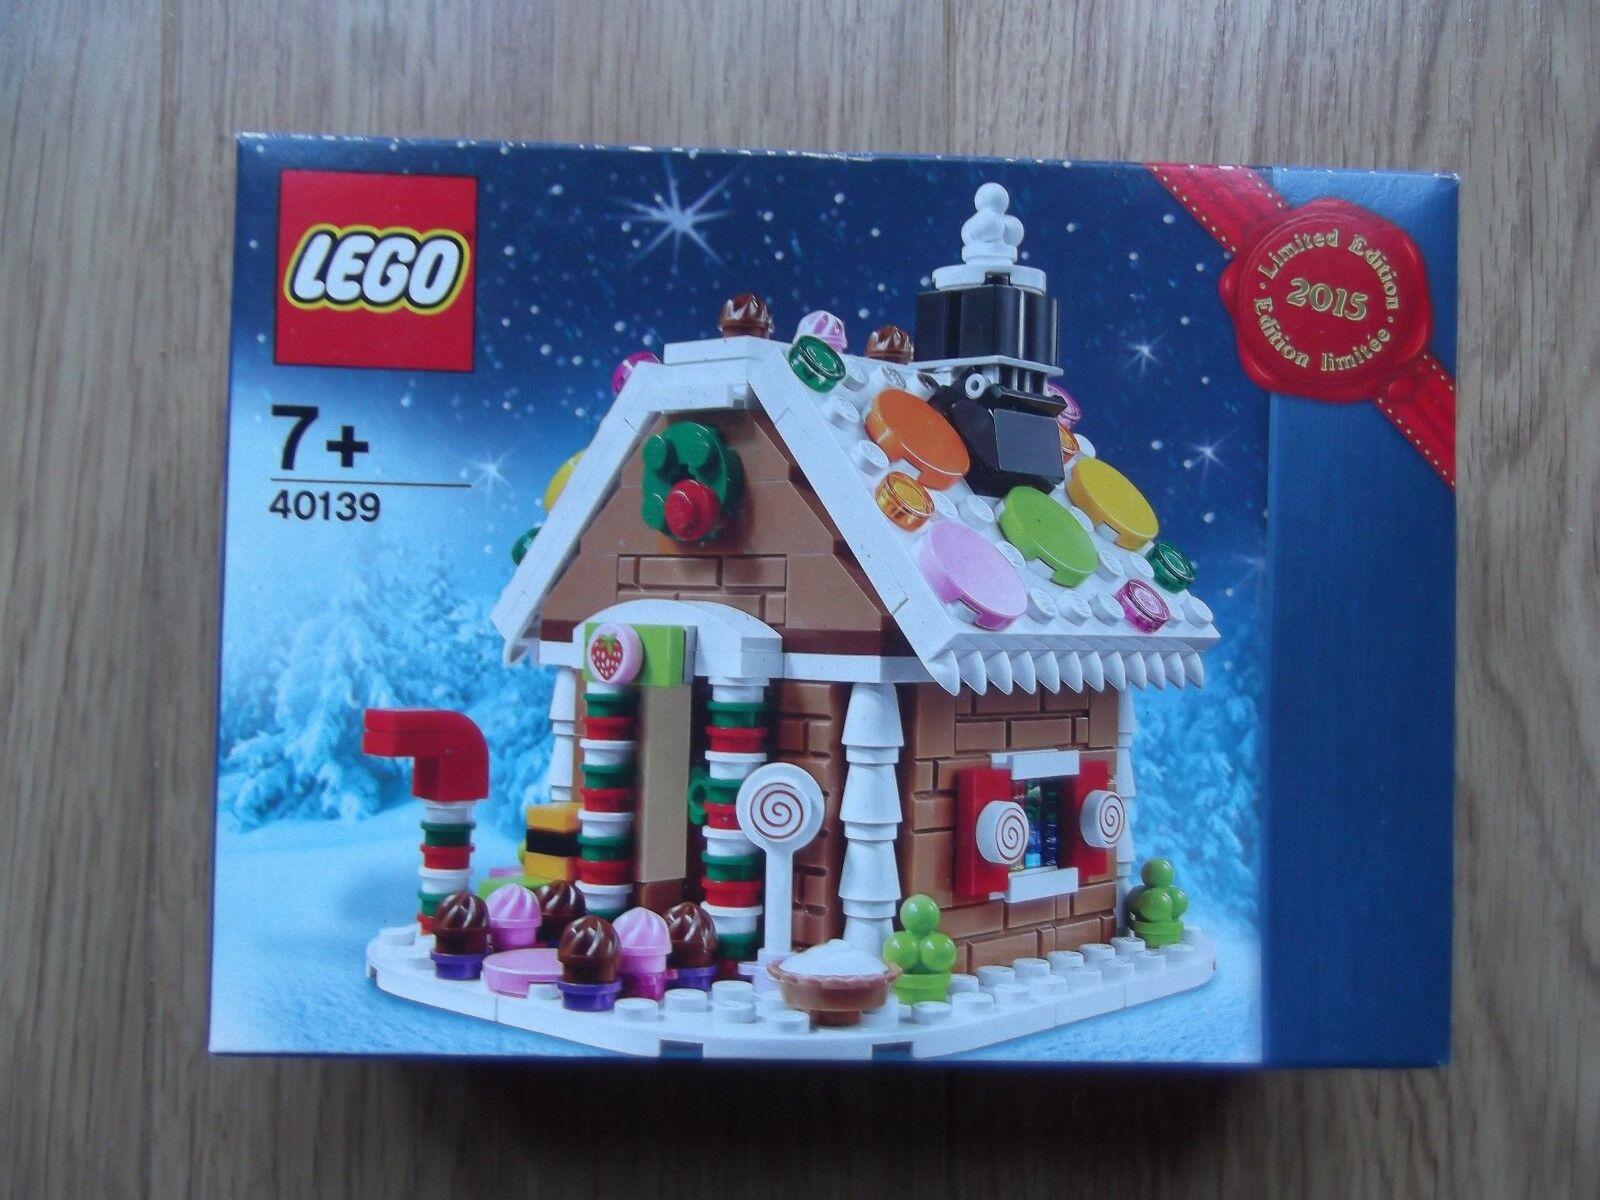 LEGO 40139 Gingerbread House BNIB - LIMITED EDITION 2015